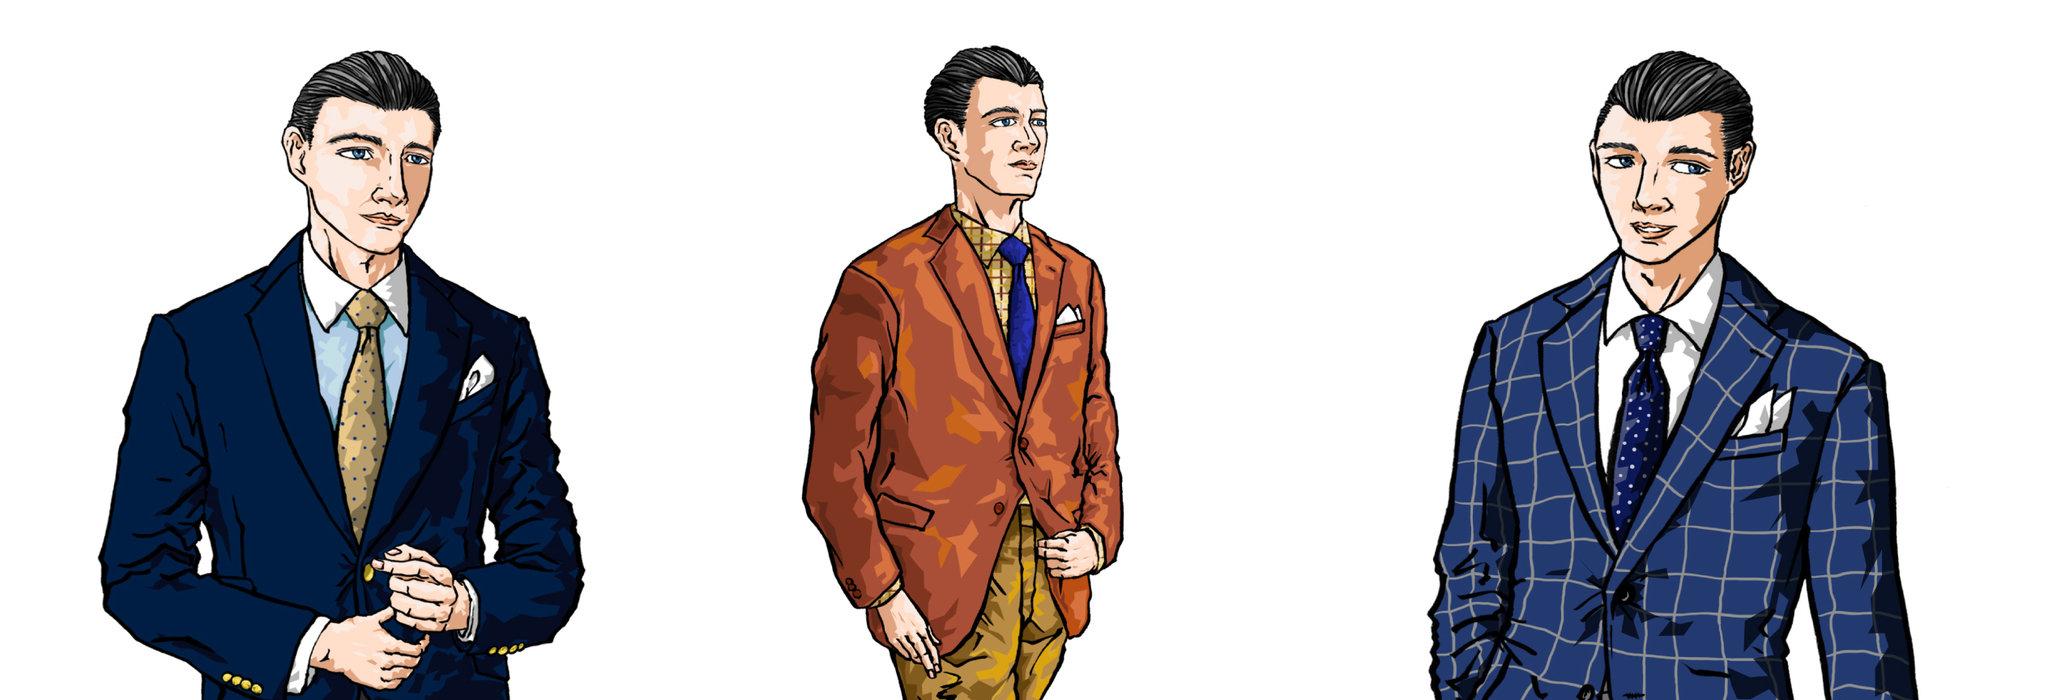 色と柄から考える、ジャケパン姿をよりカッコ良く見せるコツ。_image